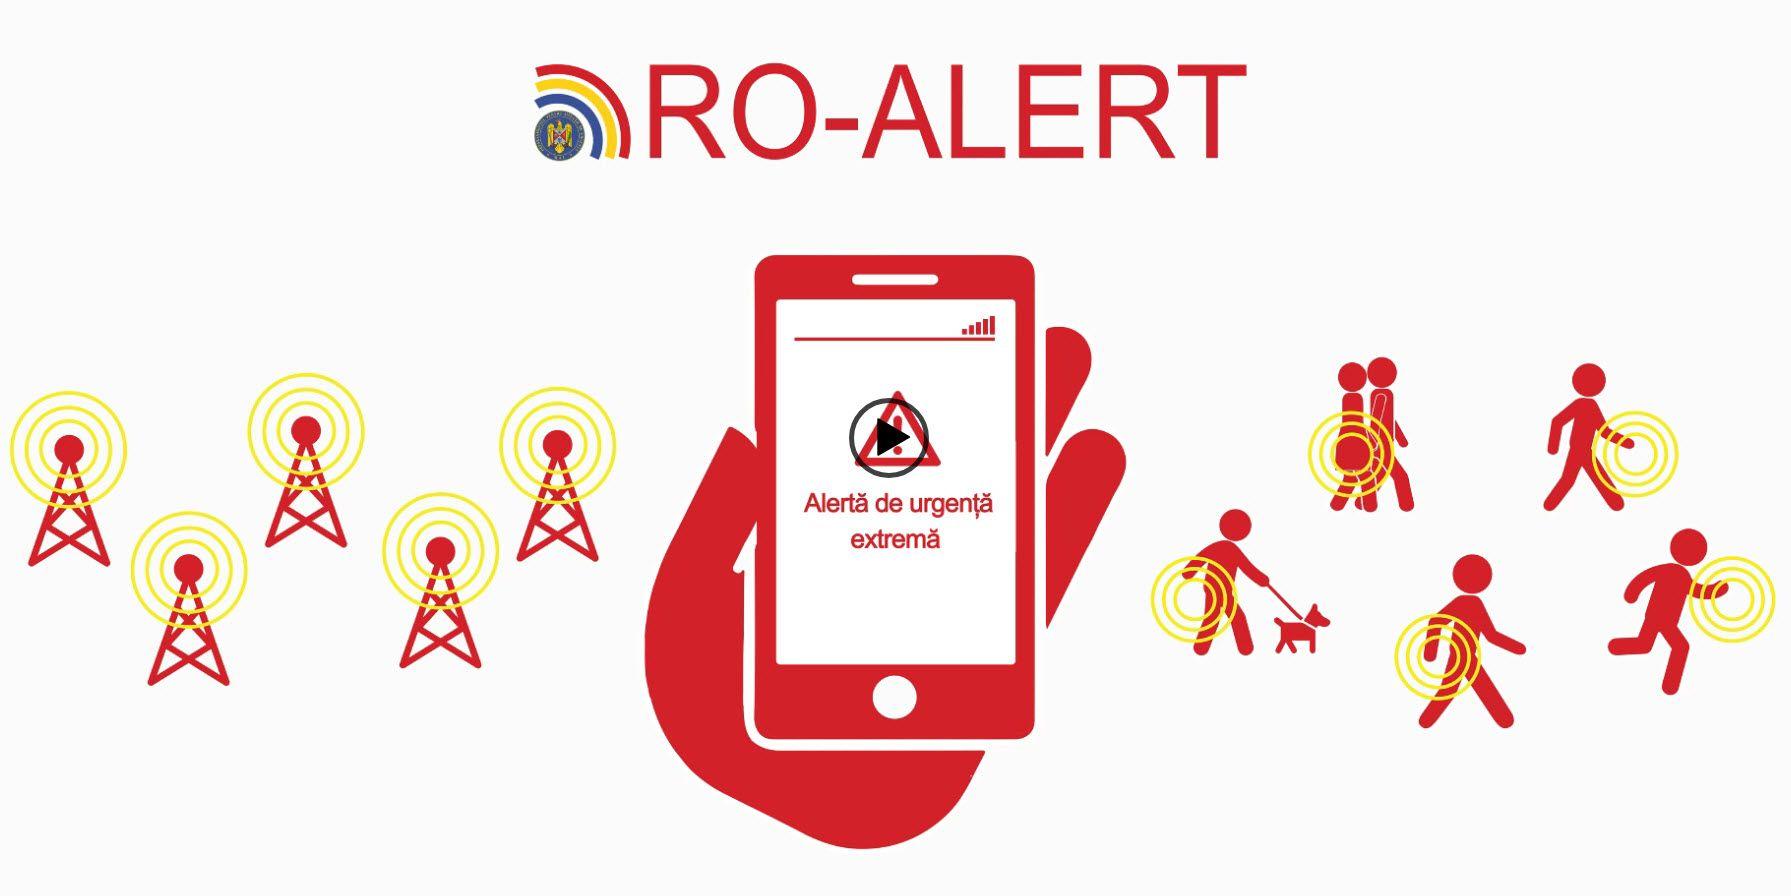 Siteul pentru situaţii de urgenţă ROALERT este de astăzi